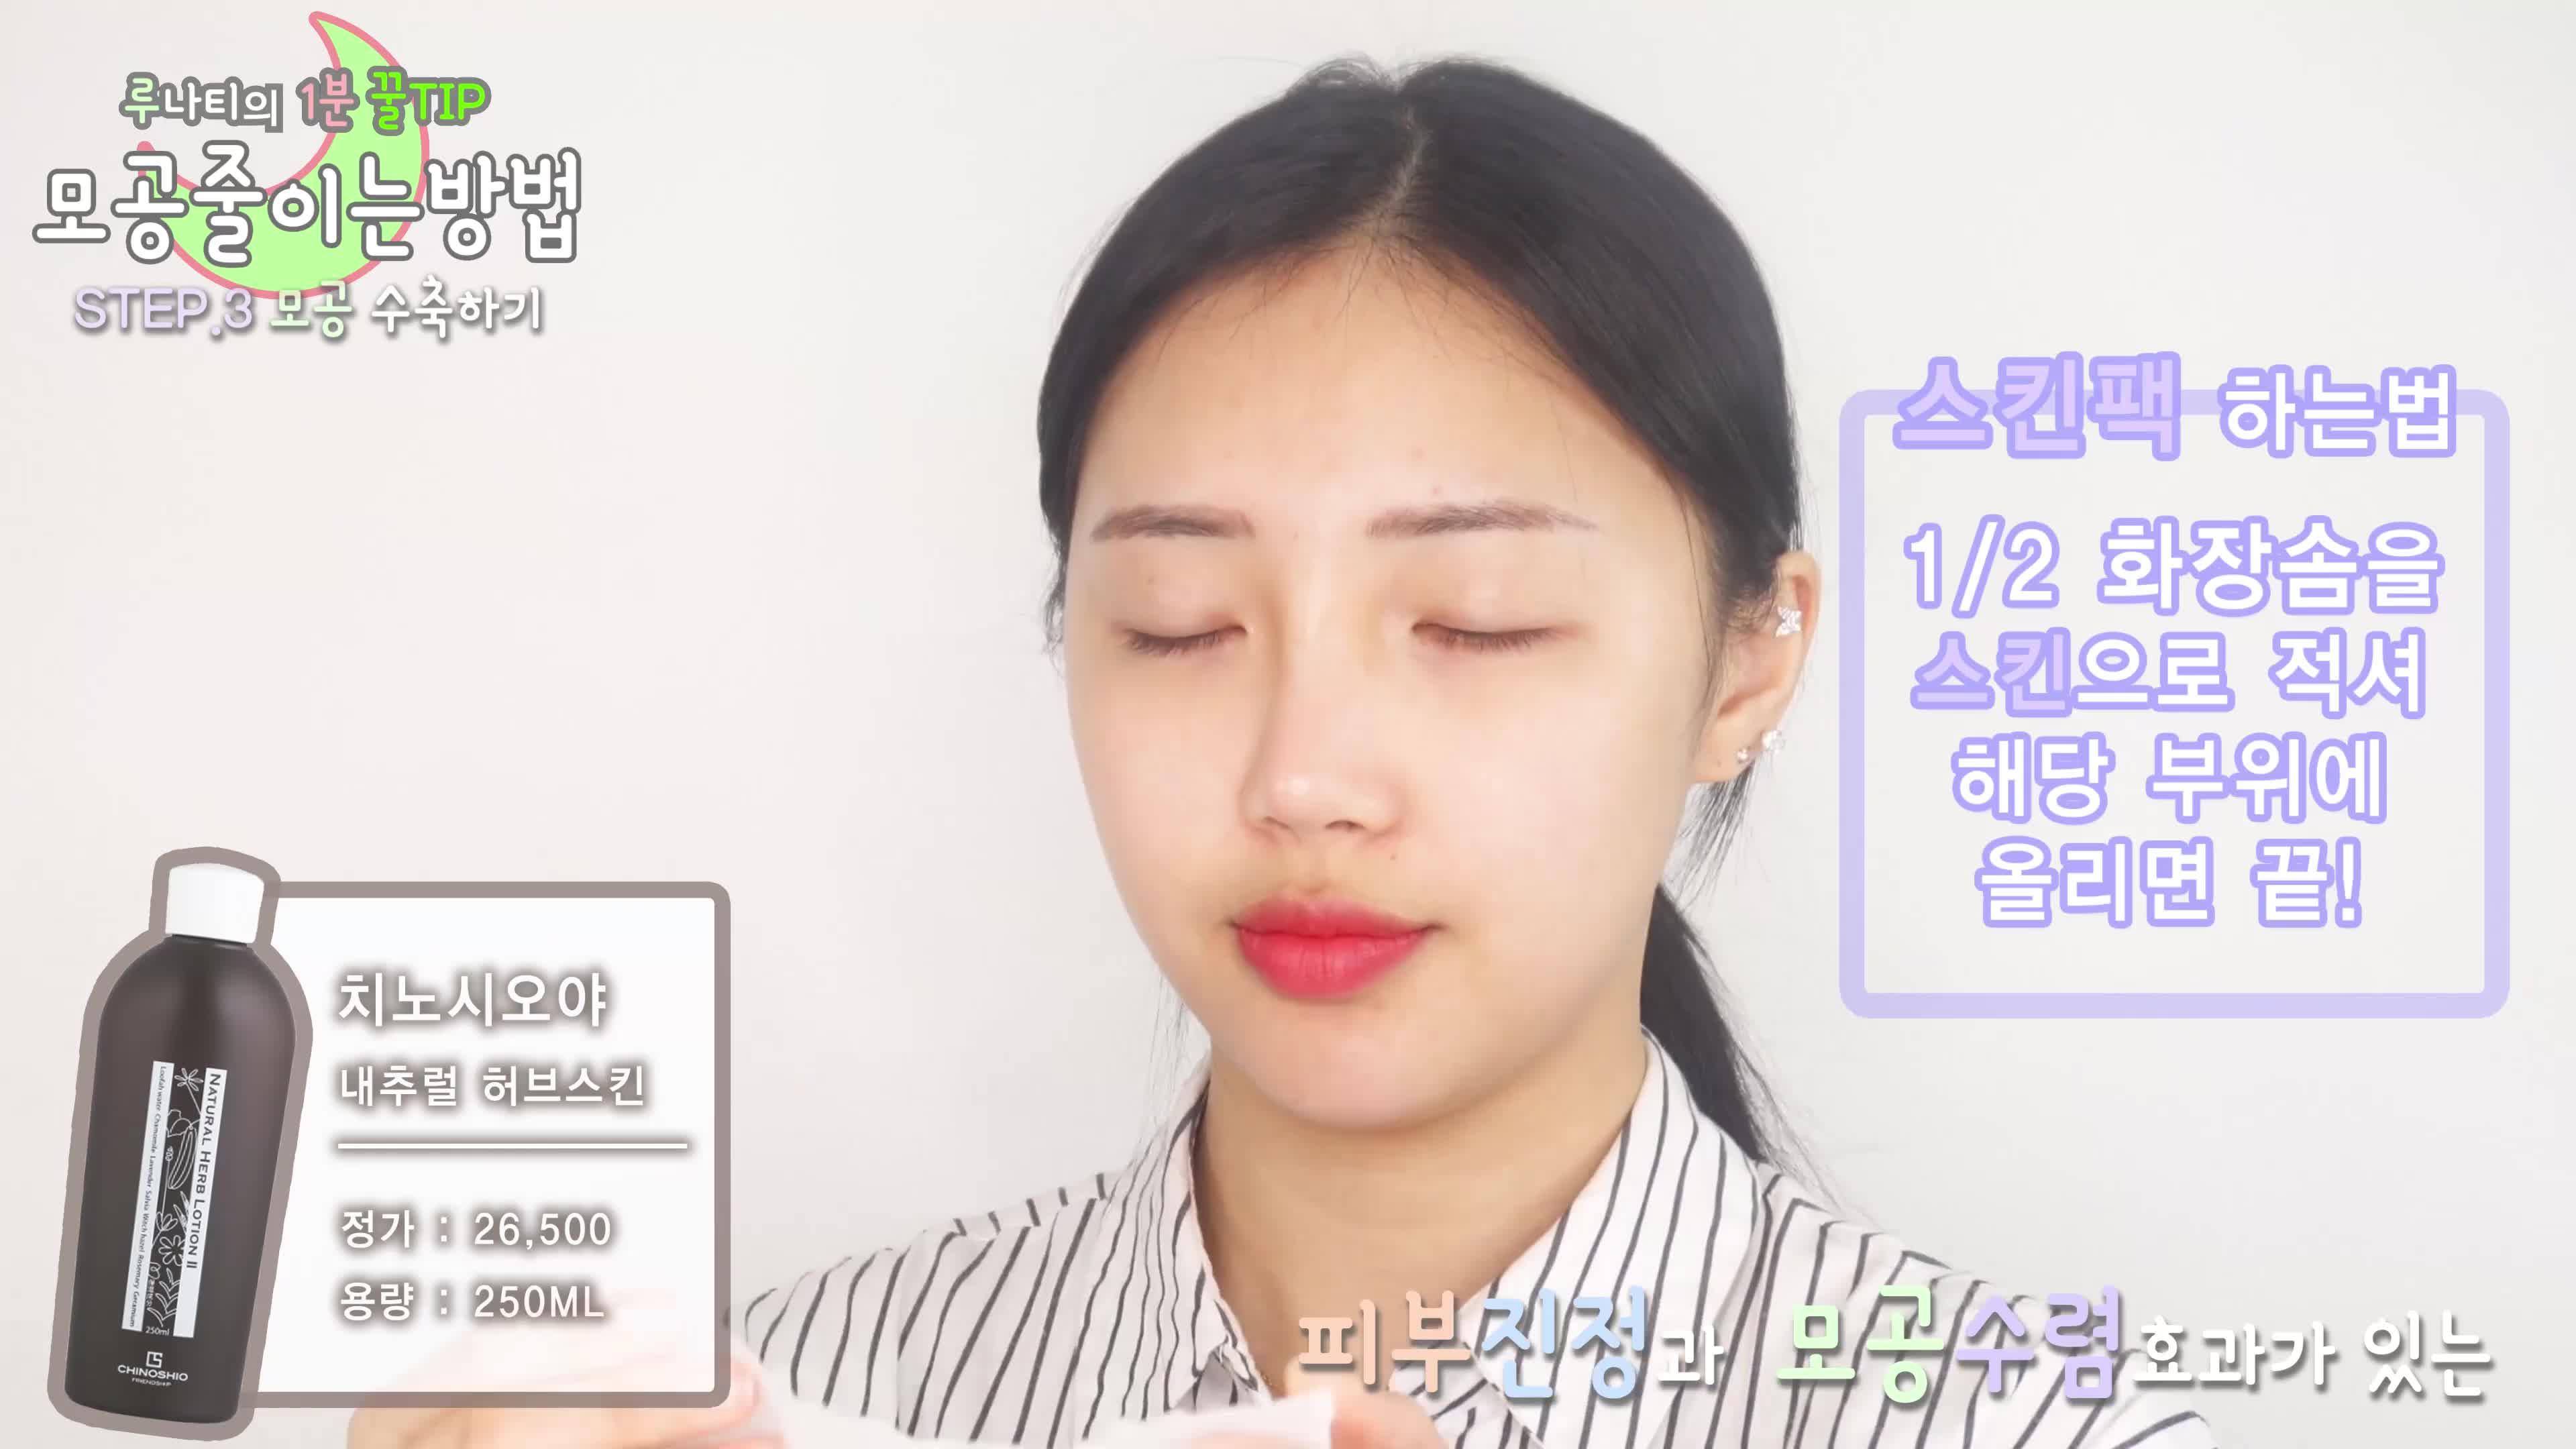 [1분 뷰티팁] 모공줄이는방법 :: 1분안에 피부관리 마스터하는 법